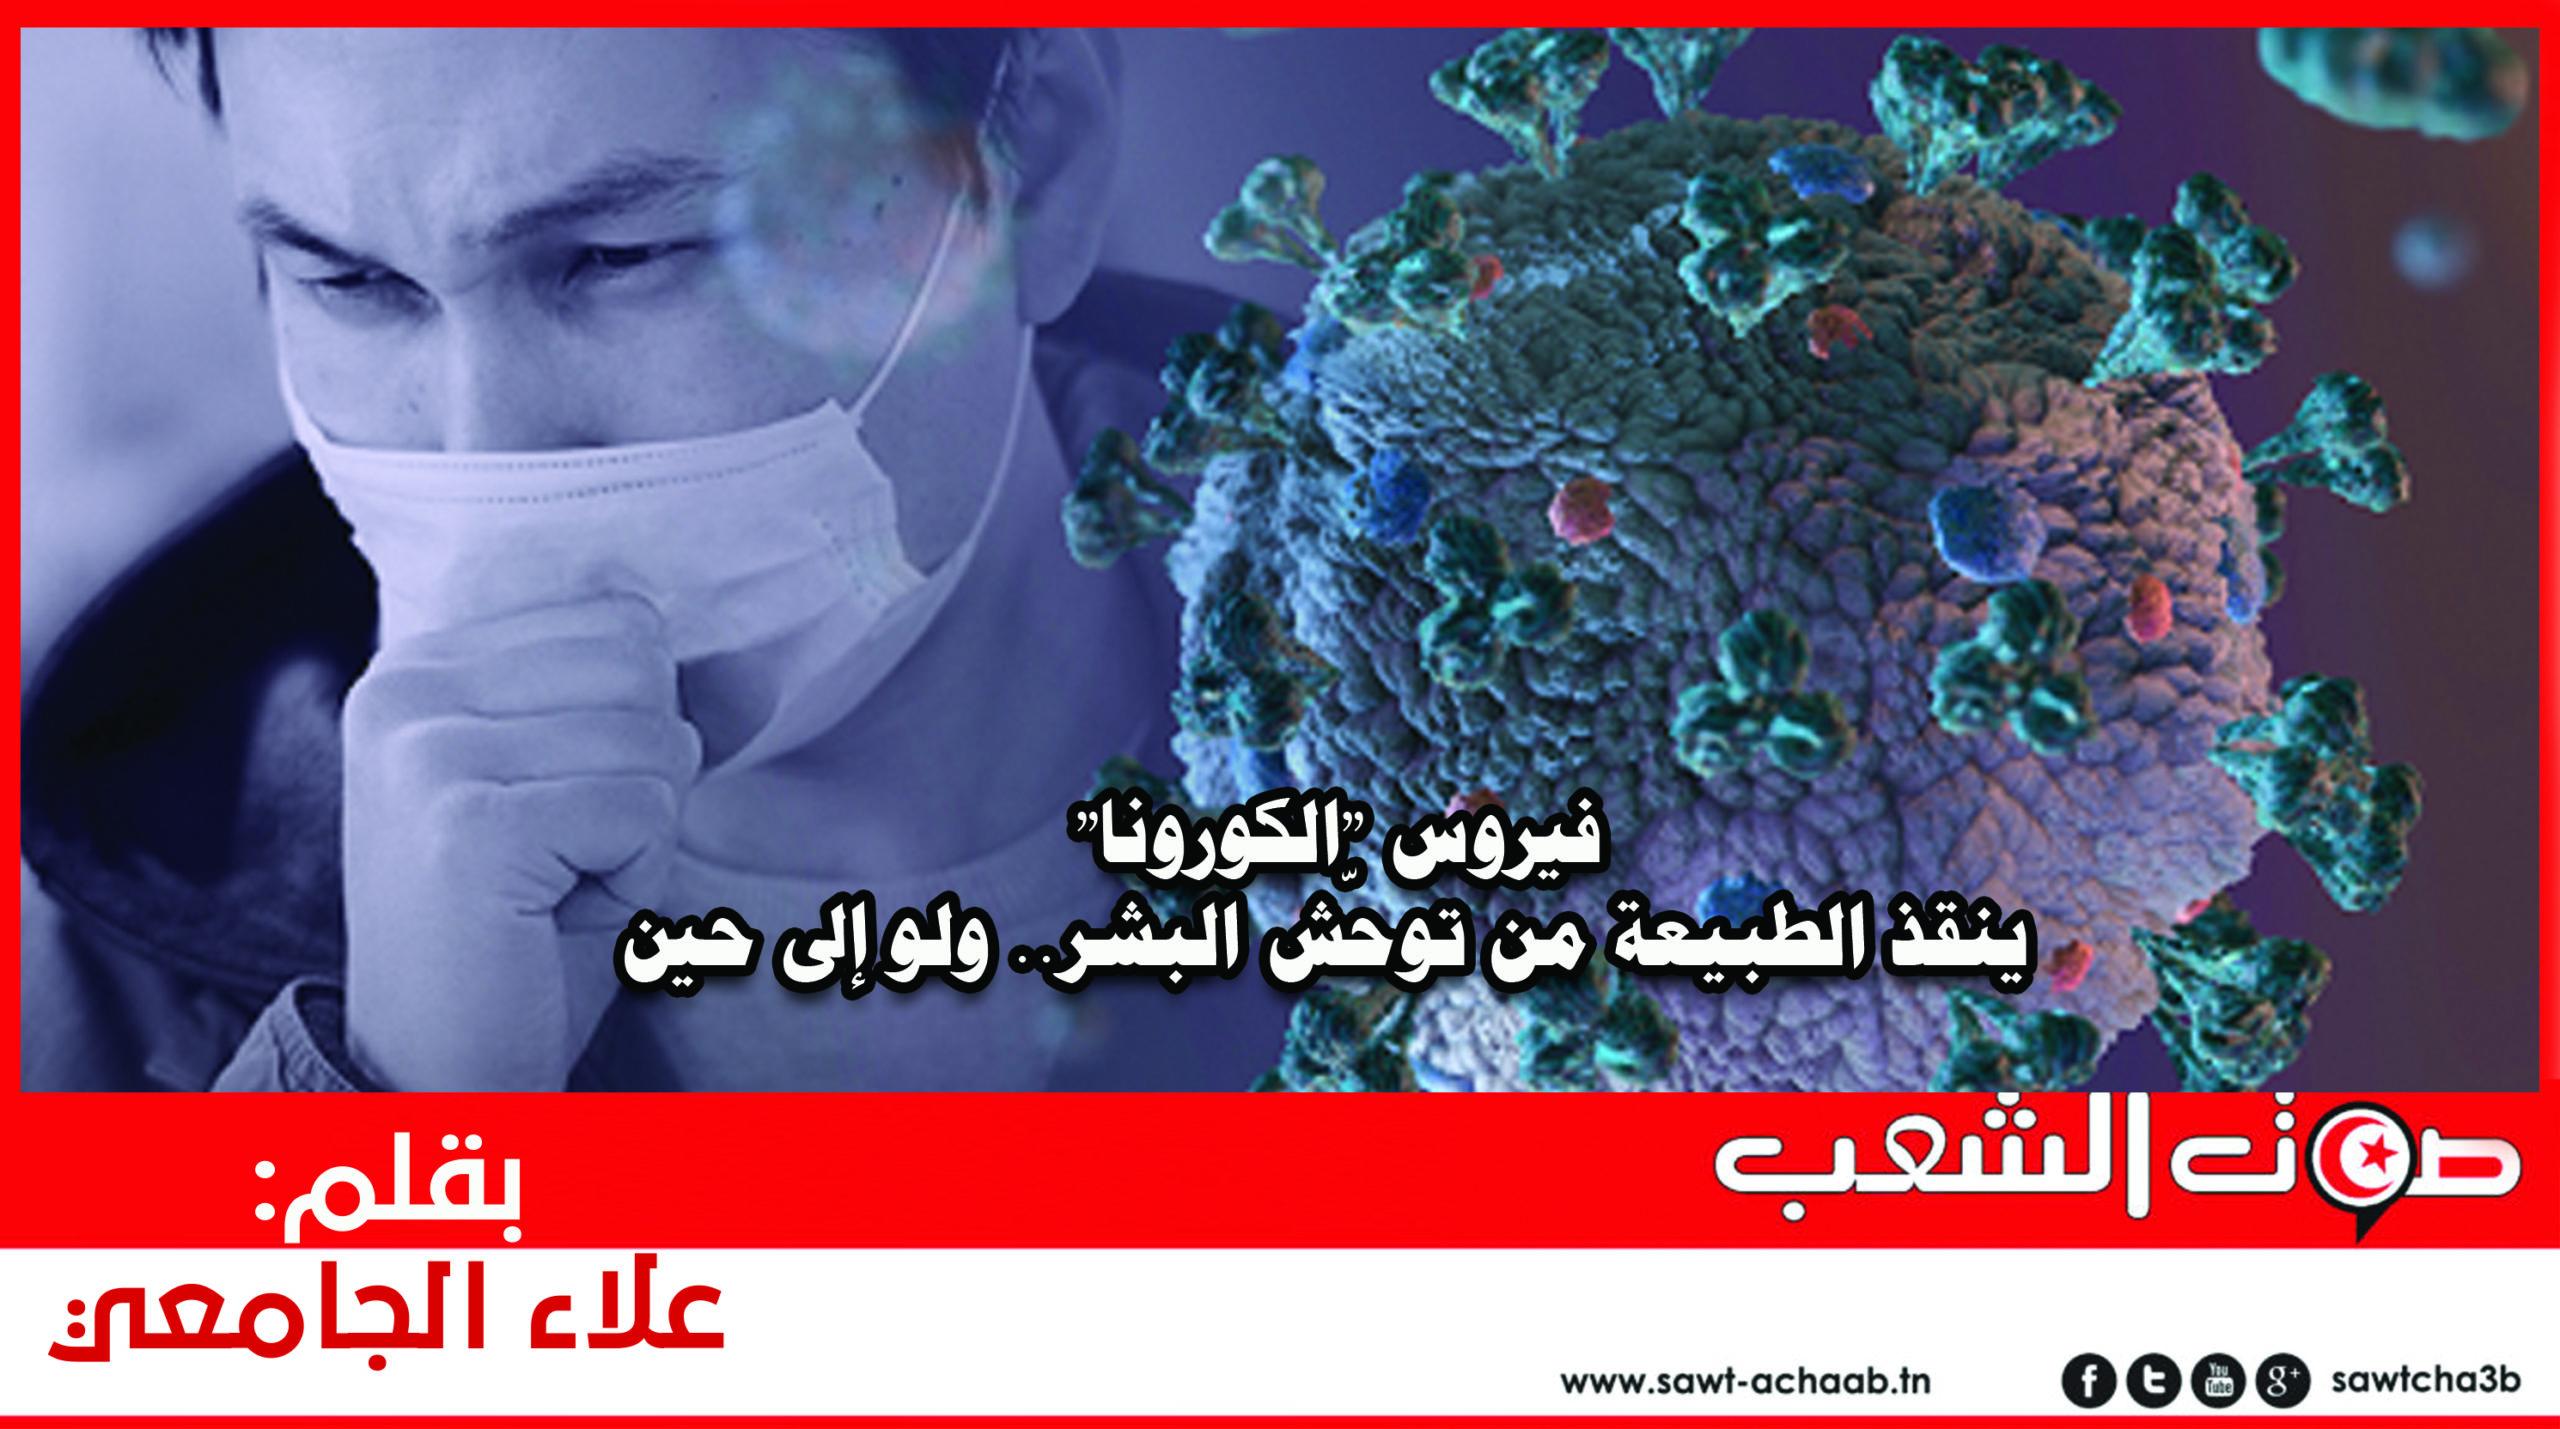 """فيروس """"الكورونا"""" ينقذ الطبيعة من توحّش البشر.. ولو إلى حين"""